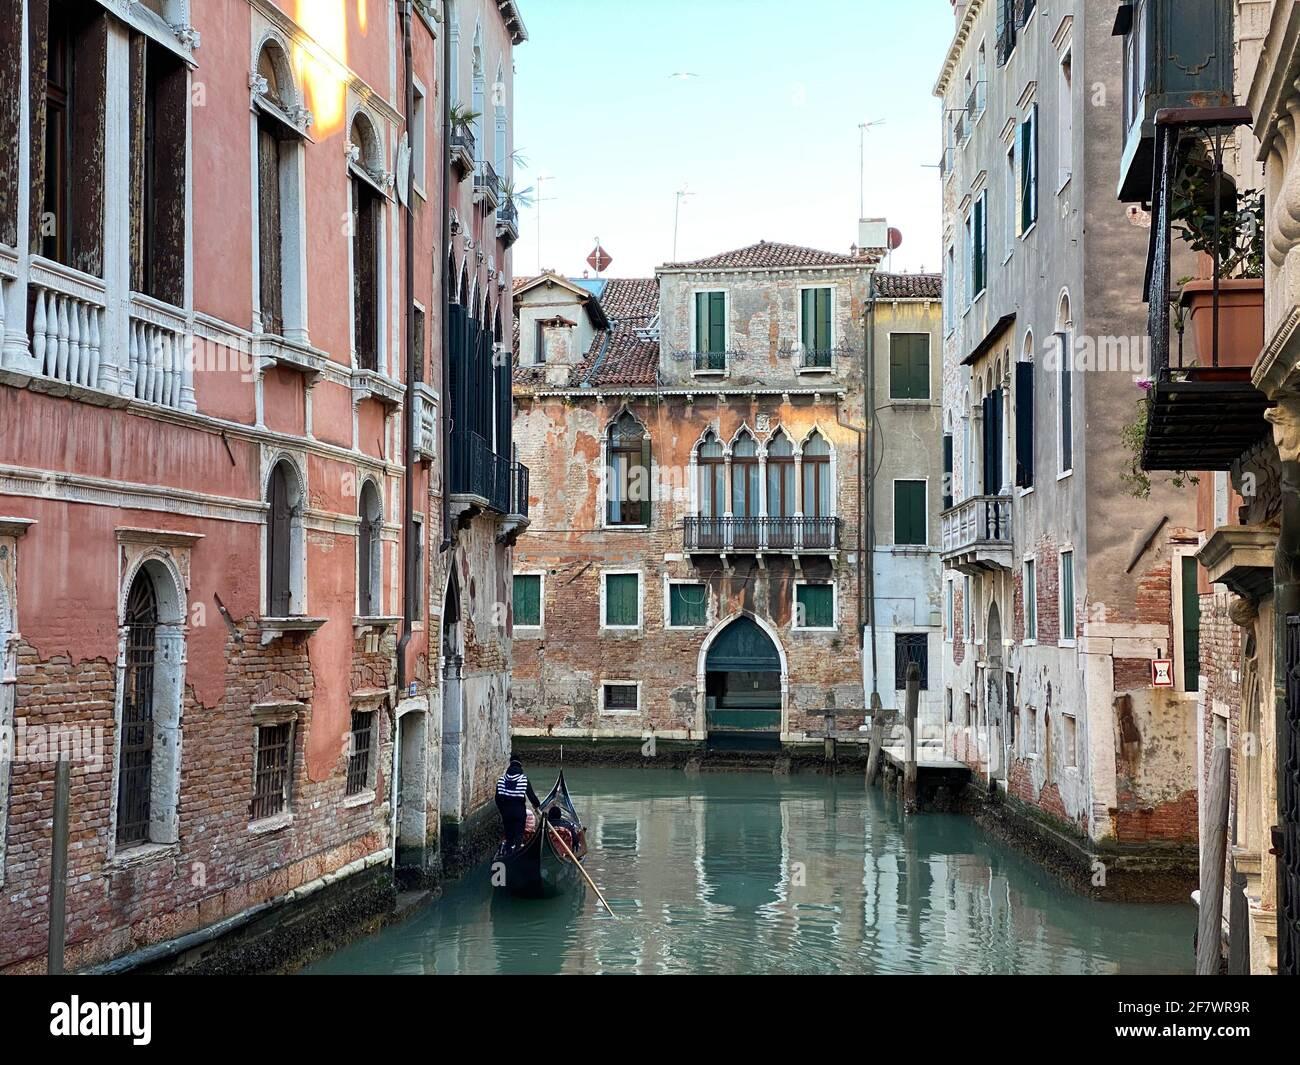 Visita turistica di Venezia in gondola su una piccola via del canale a Venezia, Italia Foto Stock